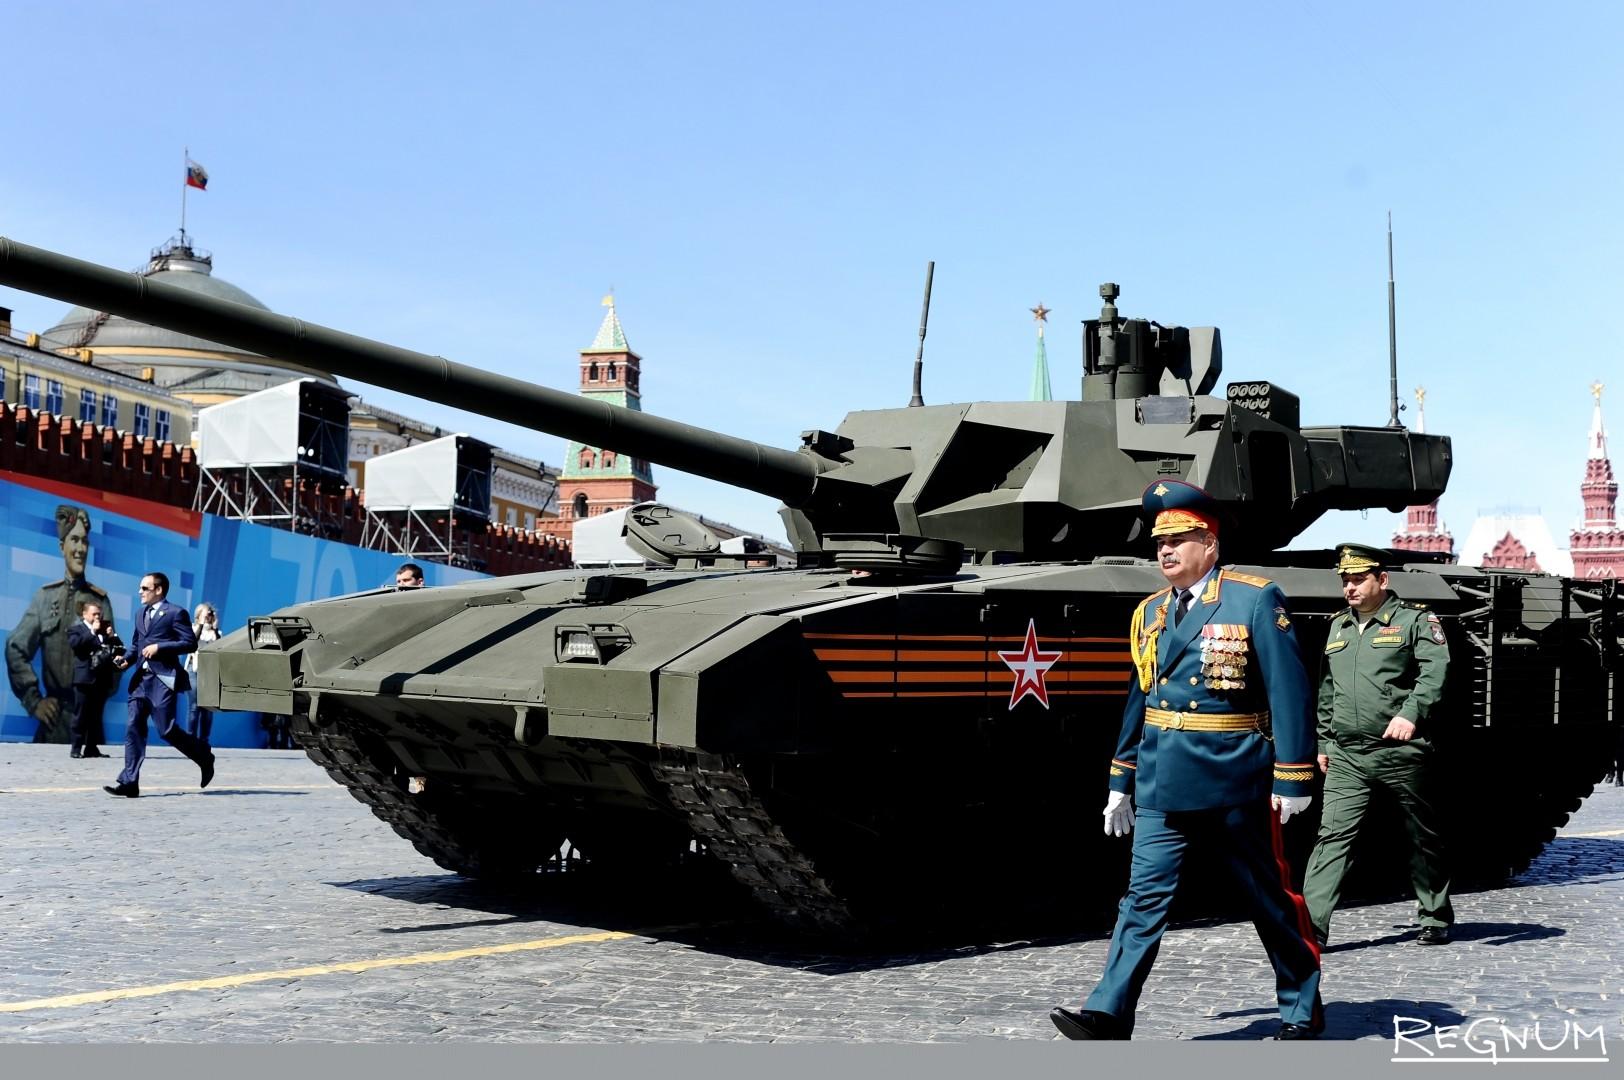 Танк «Армата» на Параде Победы на Красной площади. 9 мая 2015 года